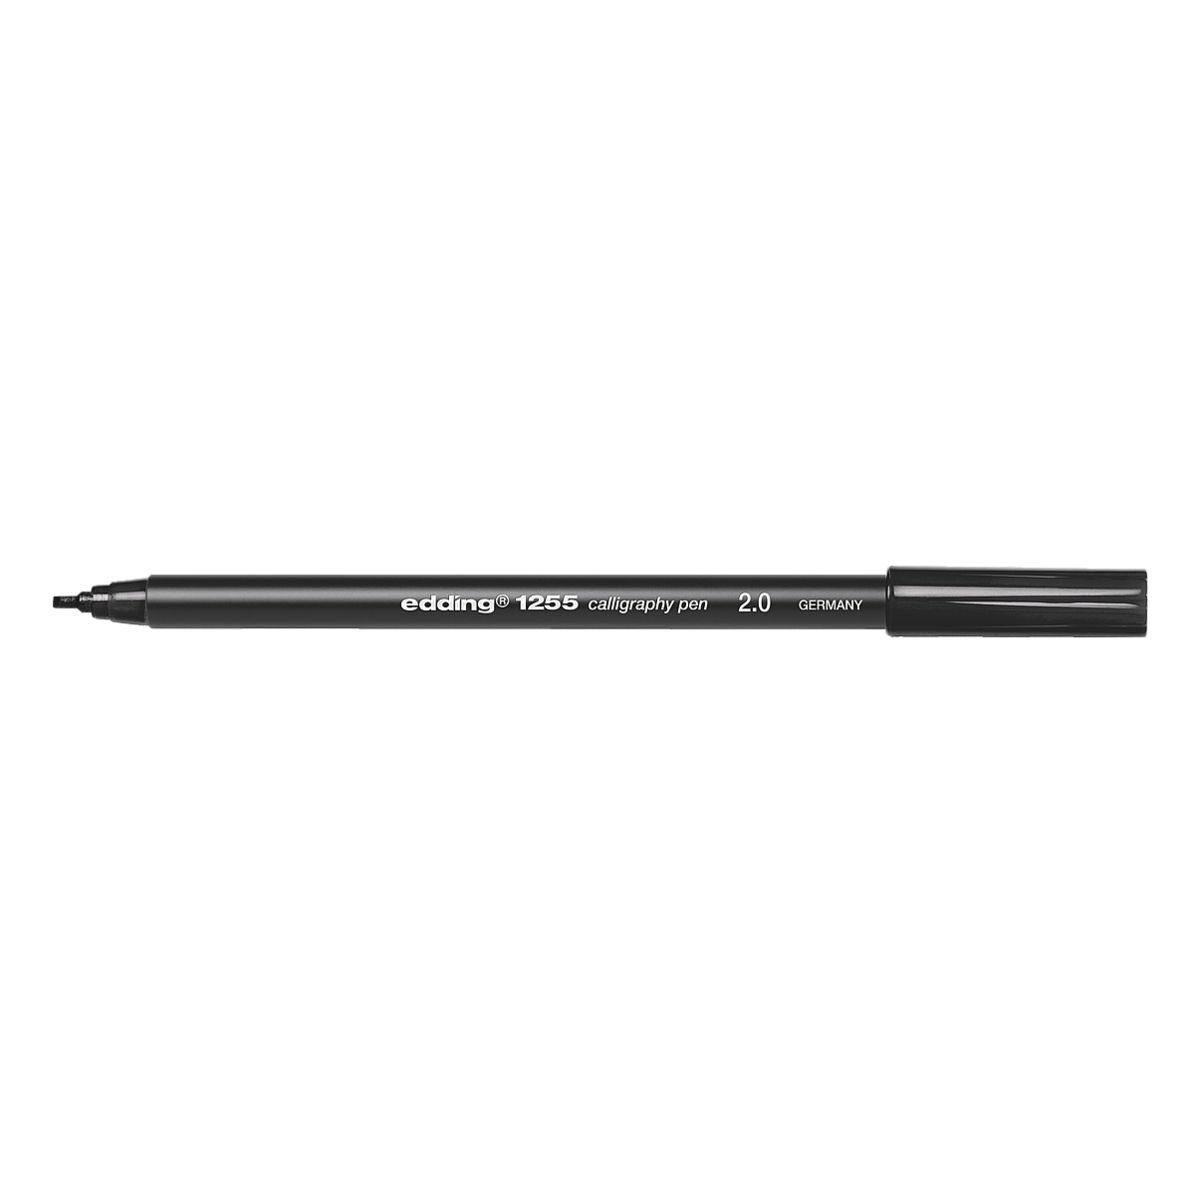 edding Fasermaler »1255 calligraphy pen«